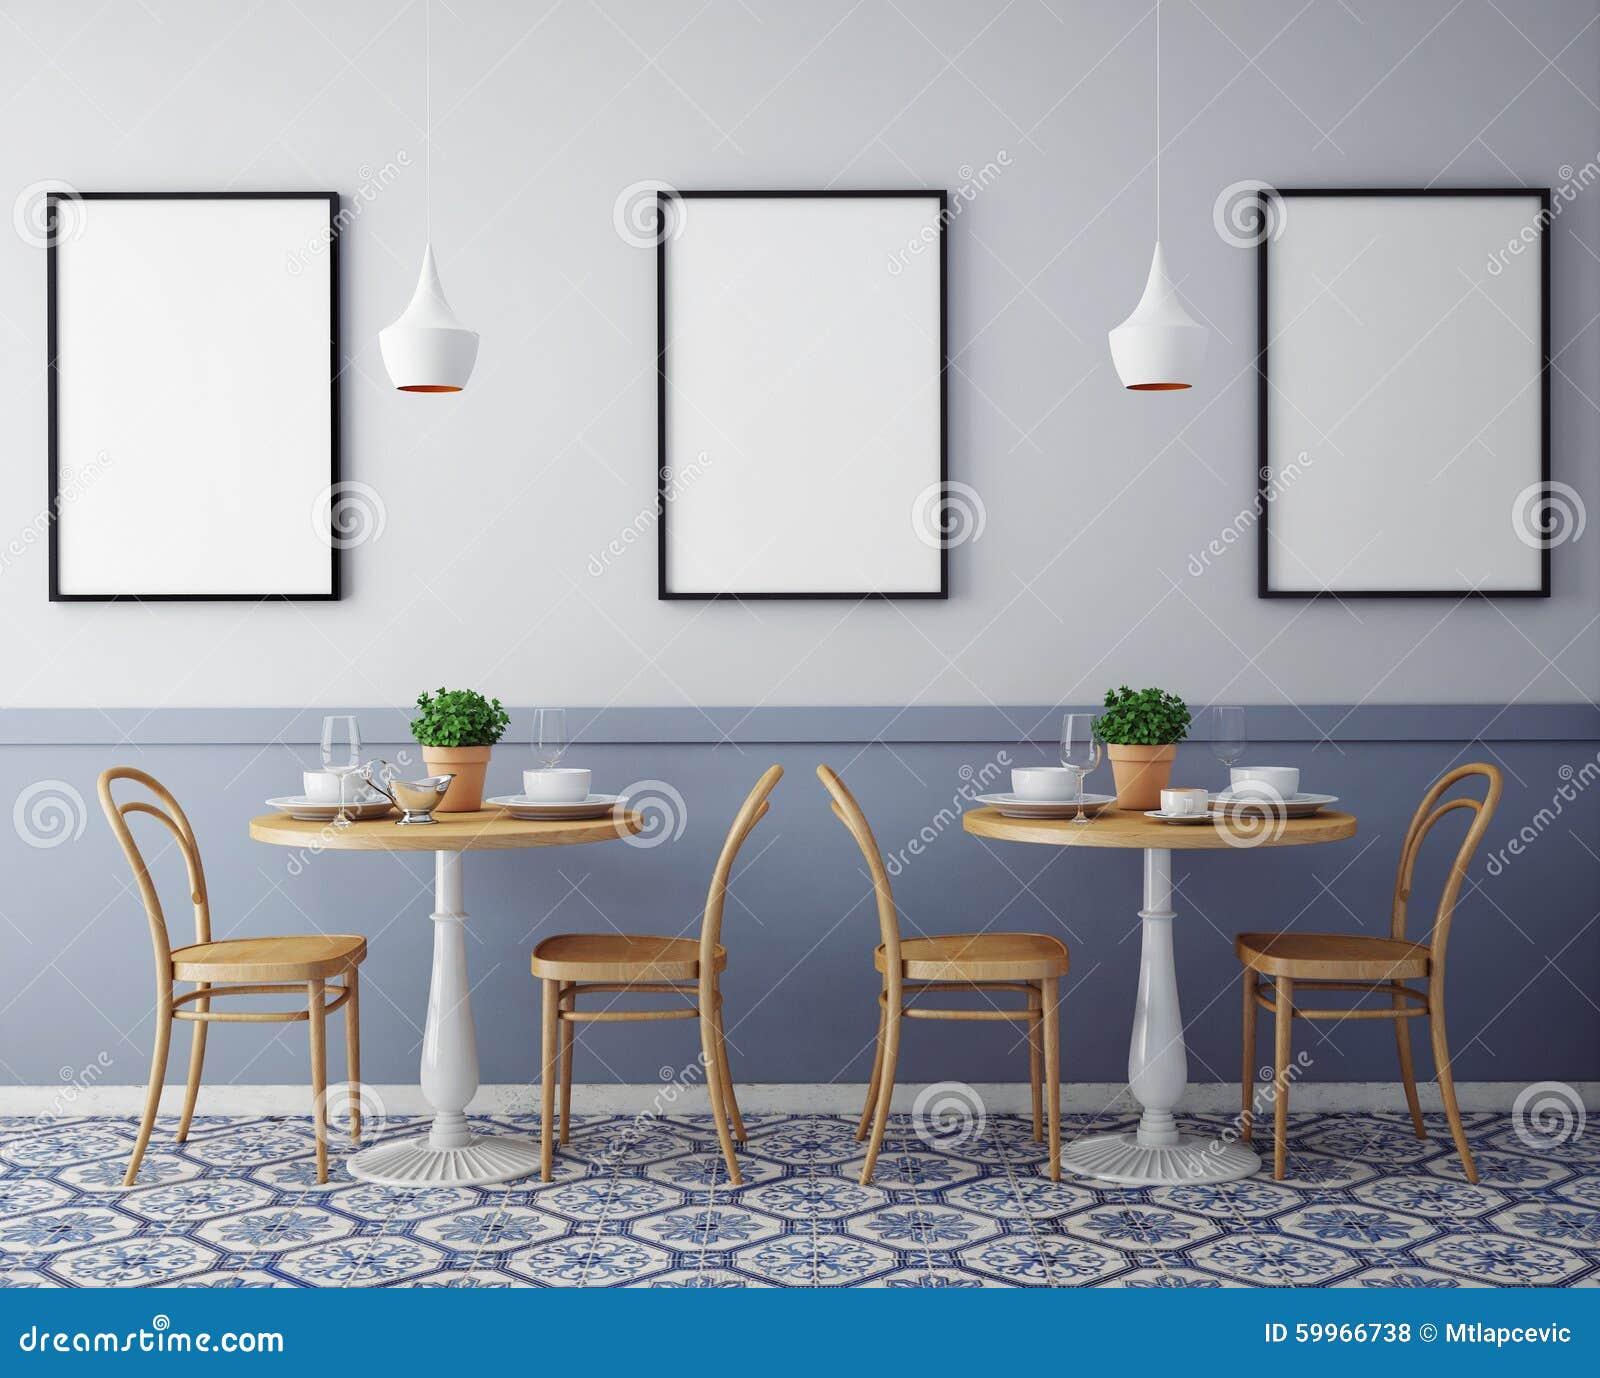 Χλεύη επάνω στις αφίσες με το αναδρομικό εσωτερικό υπόβαθρο εστιατορίων καφέδων hipster,